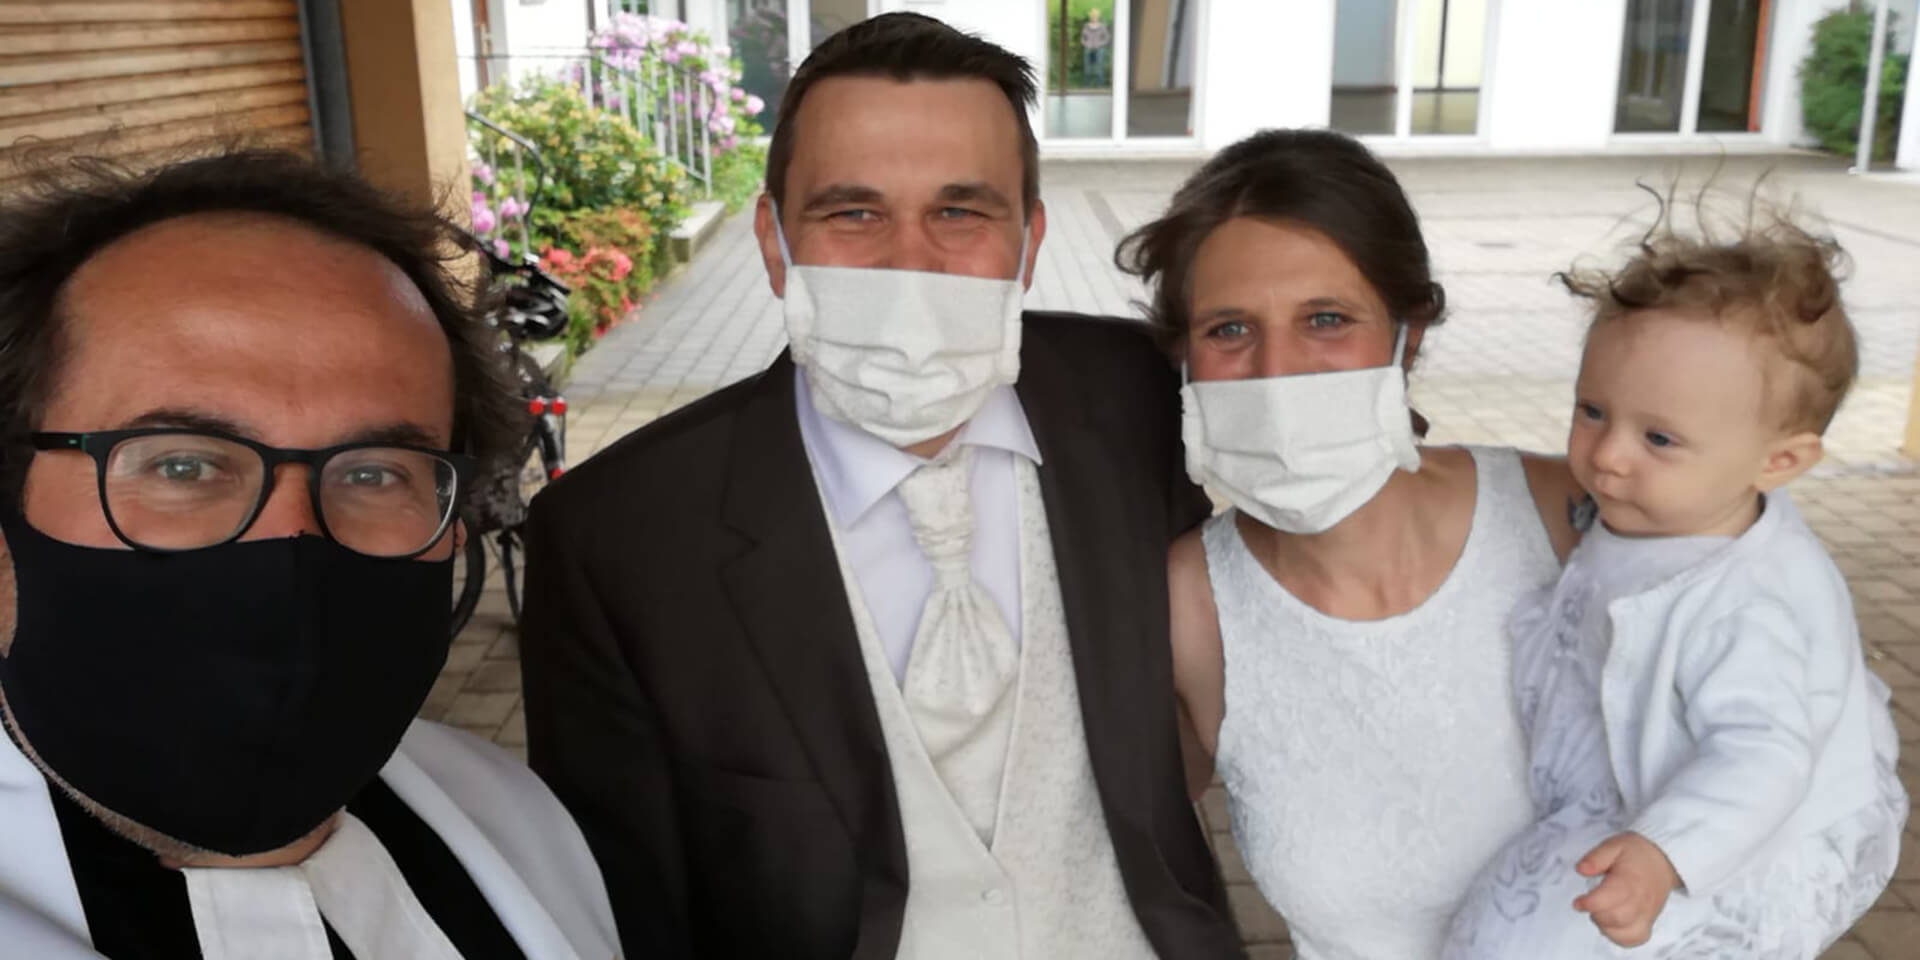 Eine junge Familie und ein Pfarrer tragen Masken auf einem Selfie nach einer Taufe